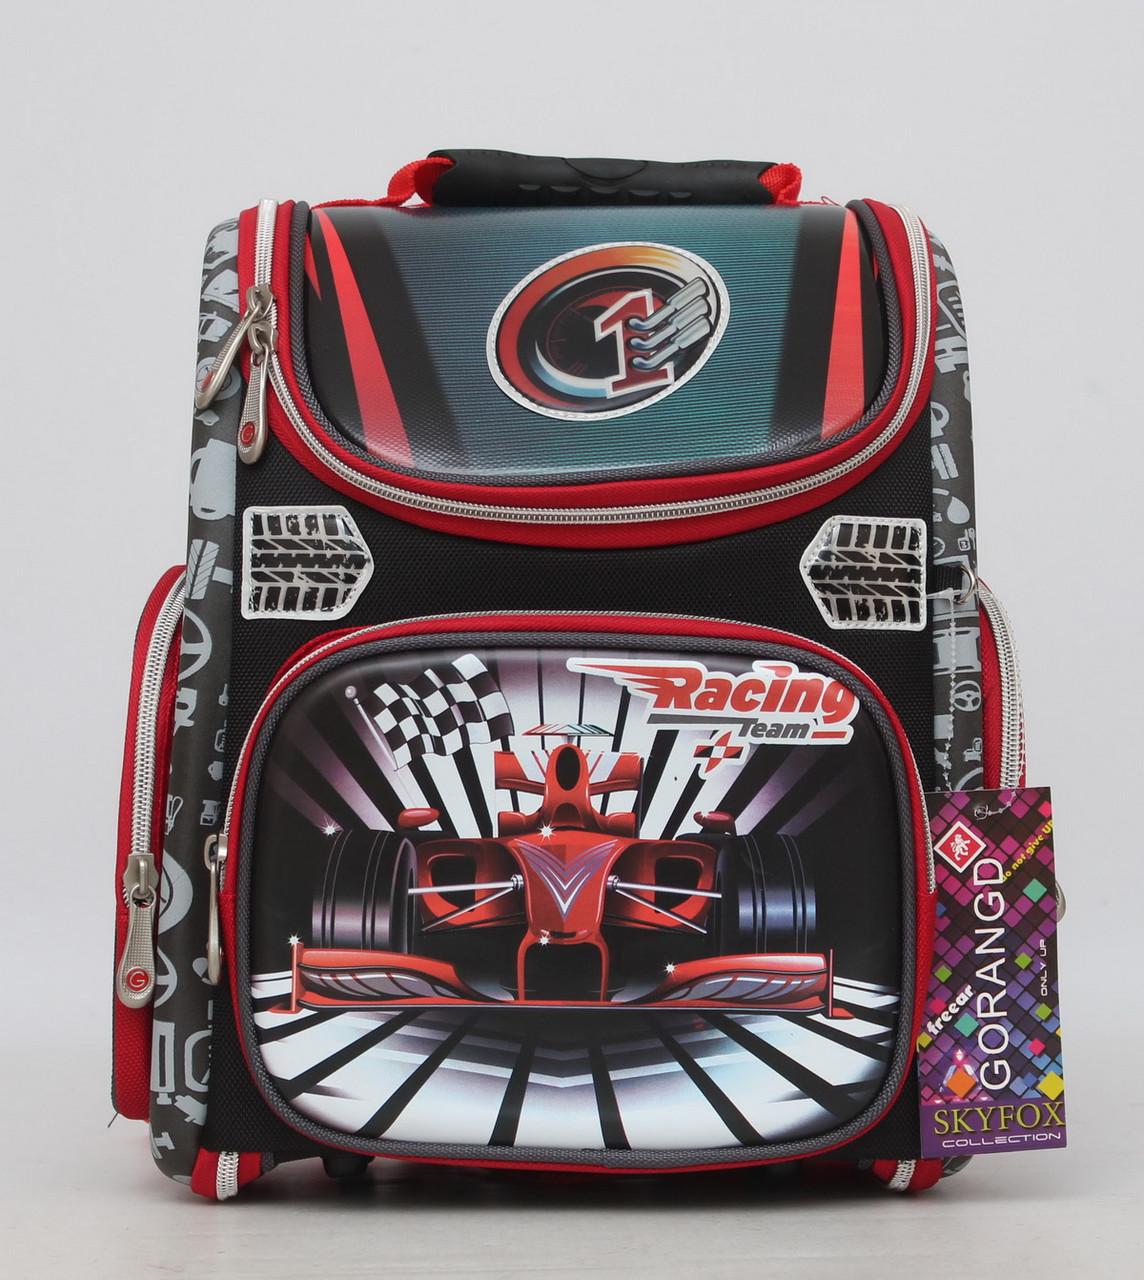 93b0a3449a72 Отличный школьный рюкзак. Ортопедический рюкзак. Рюкзак для мальчика.  Хорошее качество. Купить.